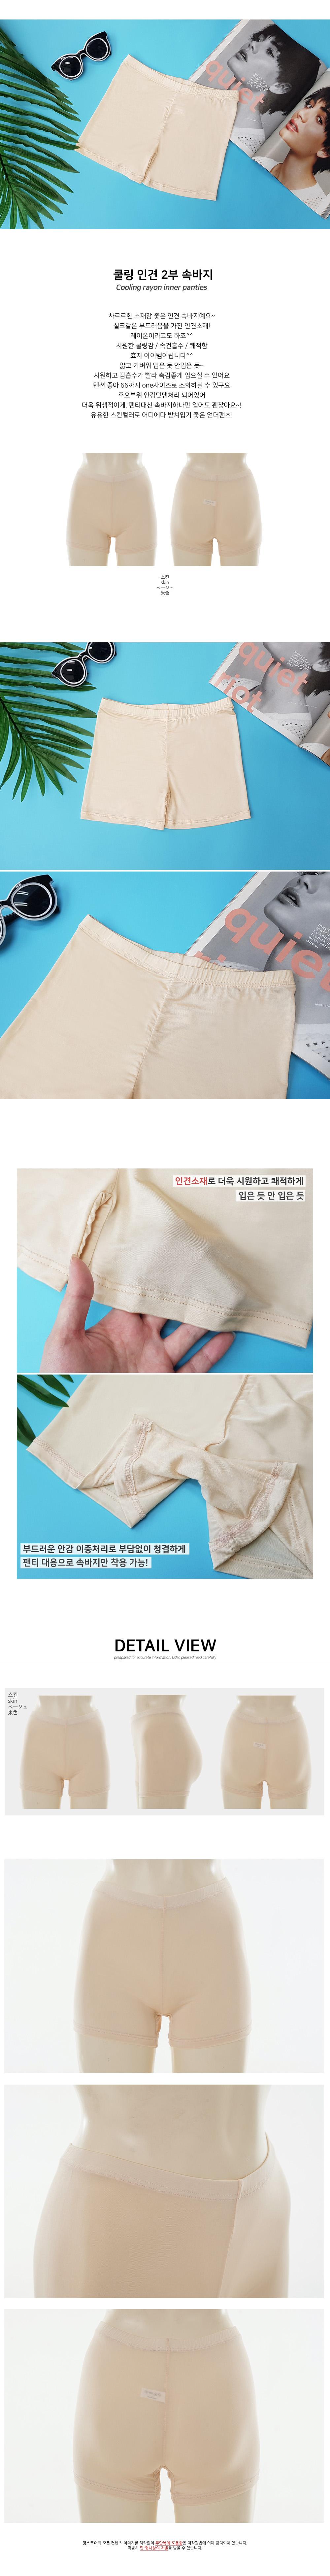 쿨링 인견 2부 팬티겸용 속바지 - 정스토어, 6,800원, 여성 이너웨어, 보정속옷